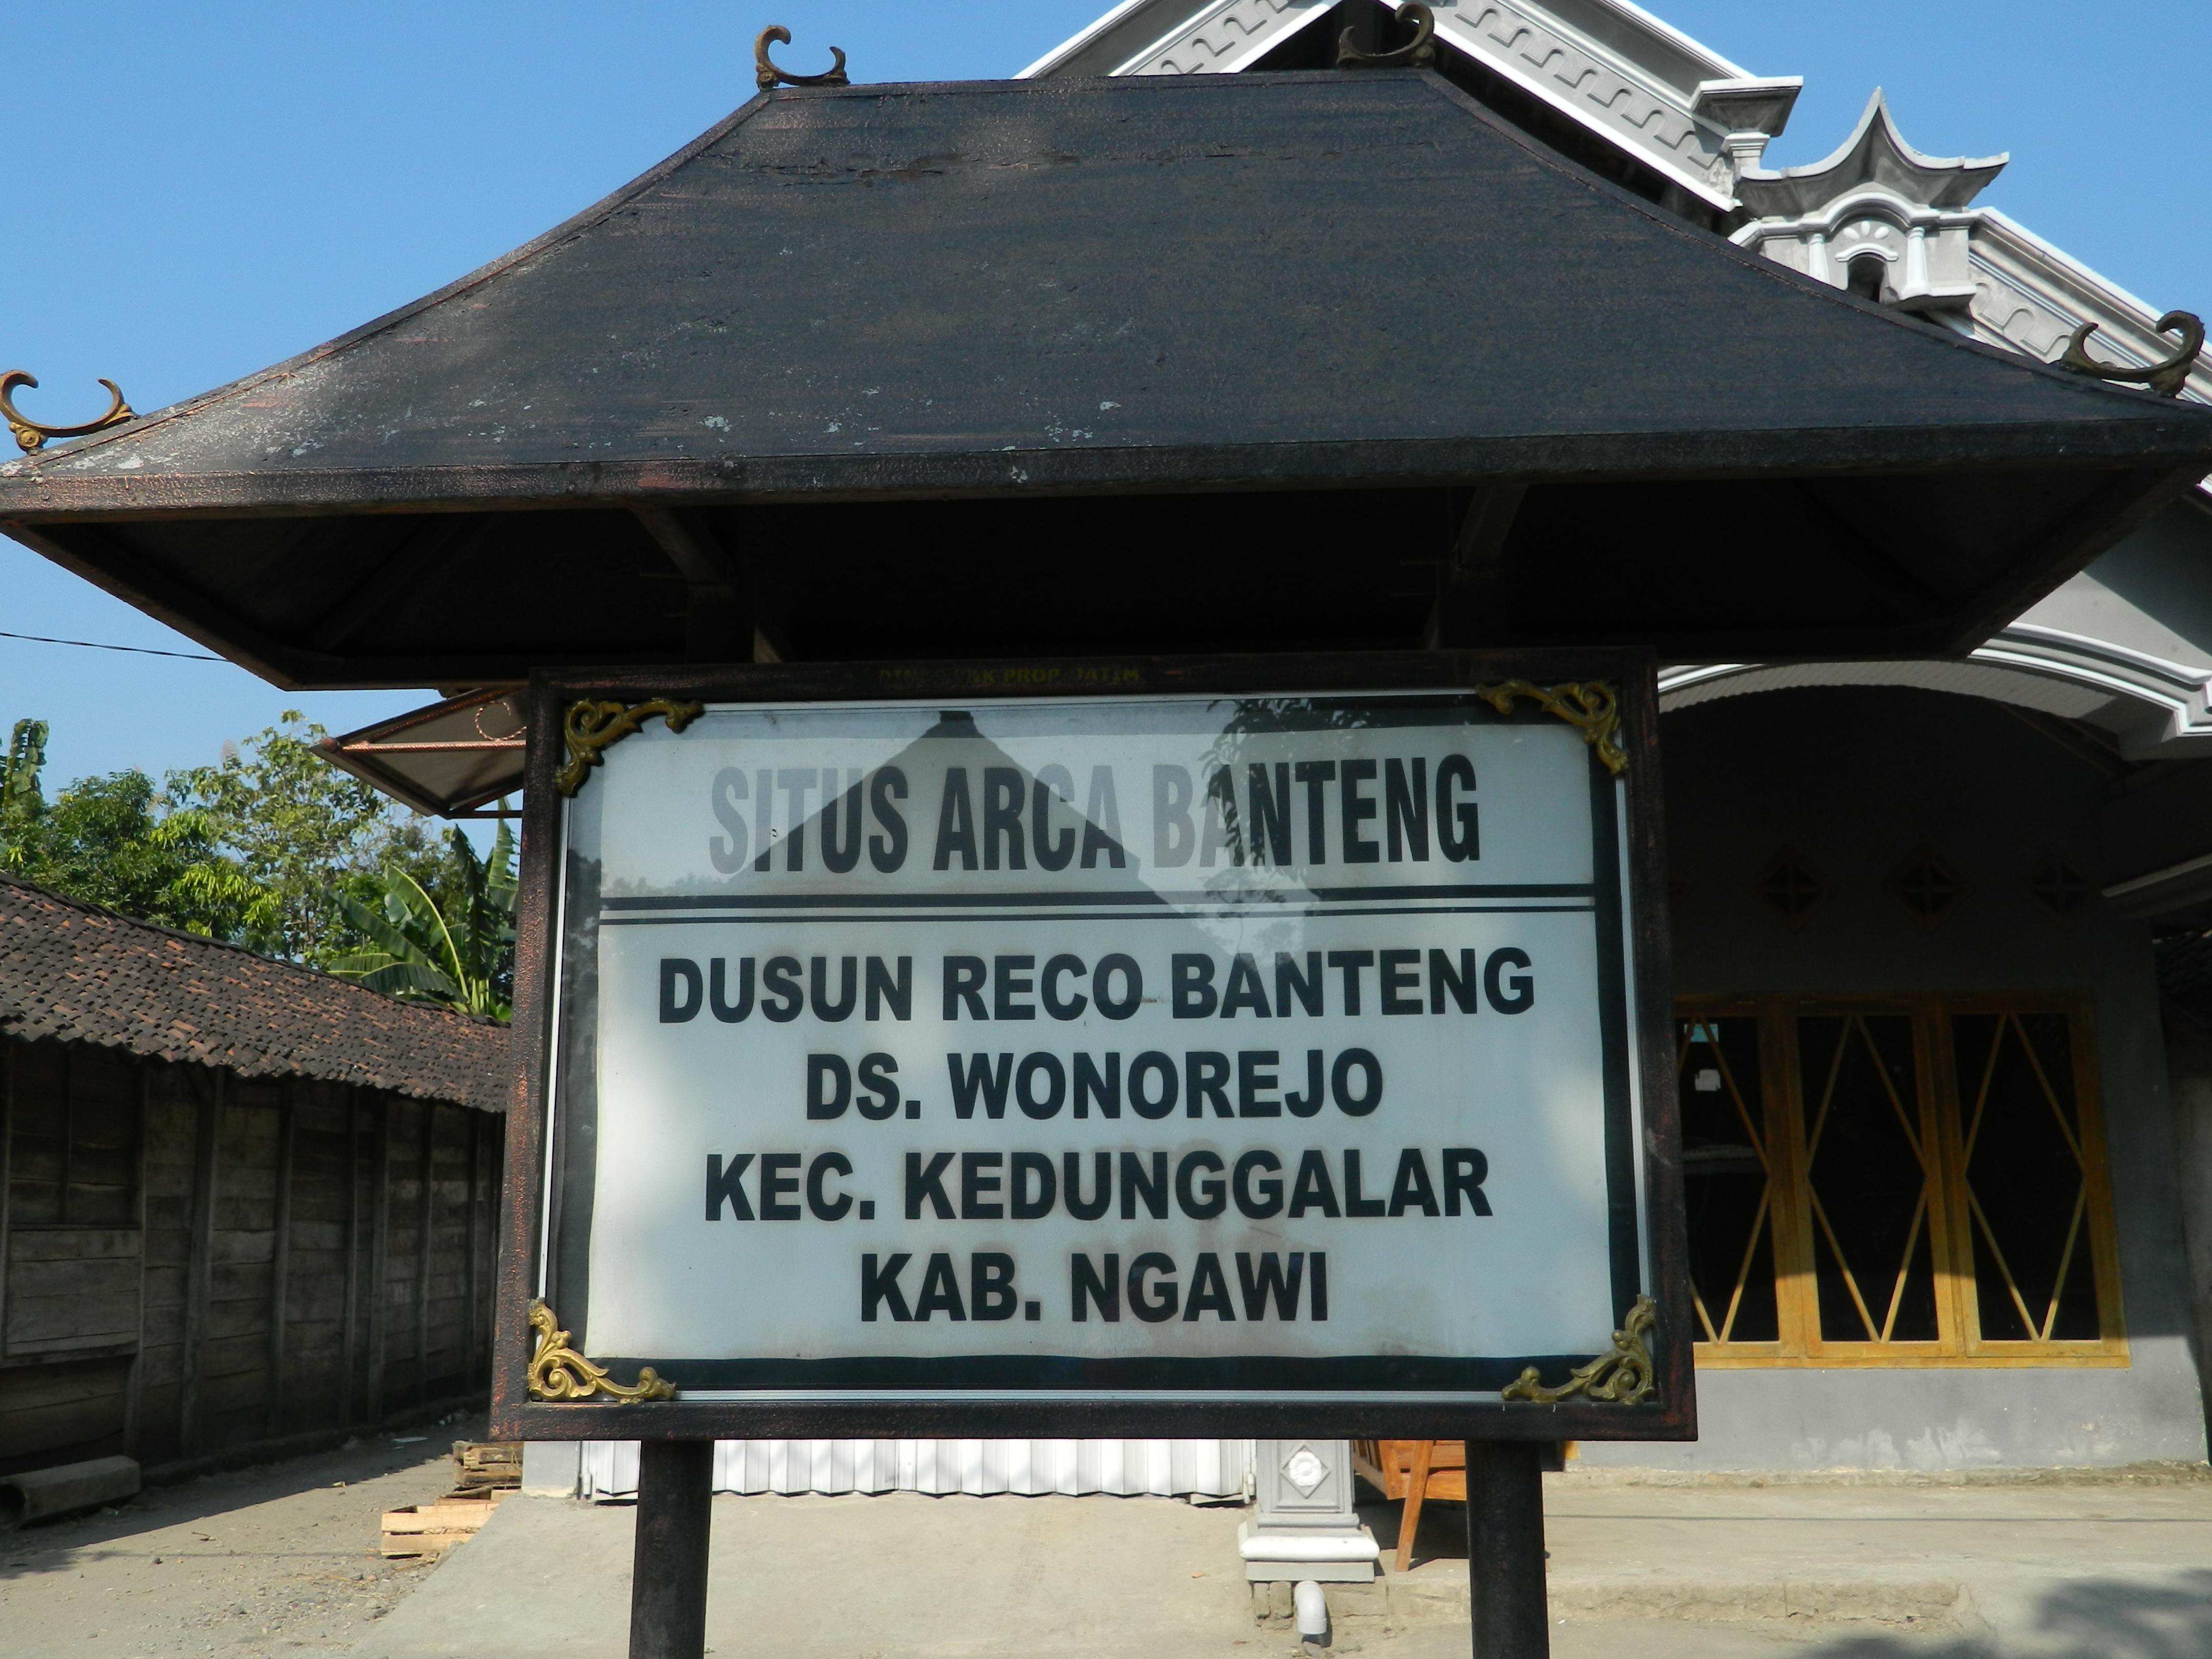 Purbakala Ngawikab Museumjatim Situs Arca Banteng Pesanggrahan Srigati Kab Ngawi